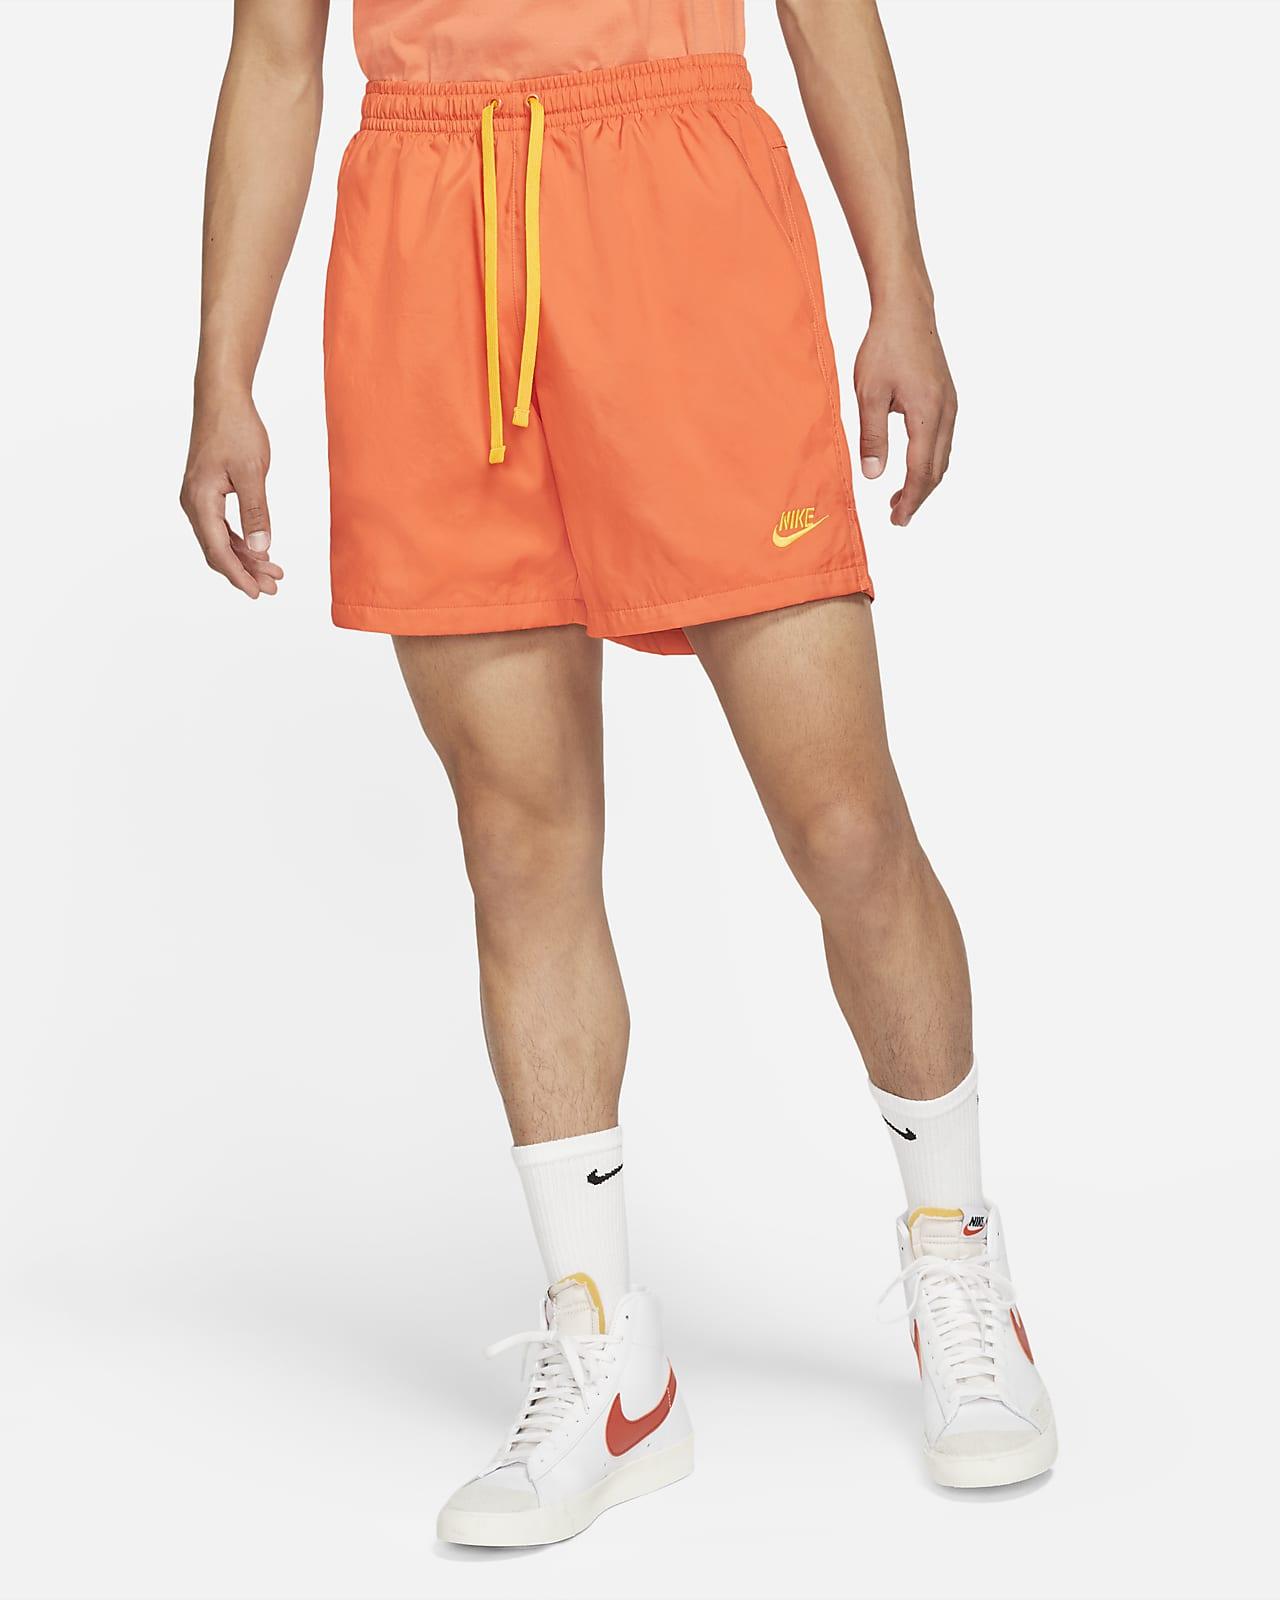 Ανδρικό υφαντό σορτς για ελευθερία κινήσεων Nike Sportswear